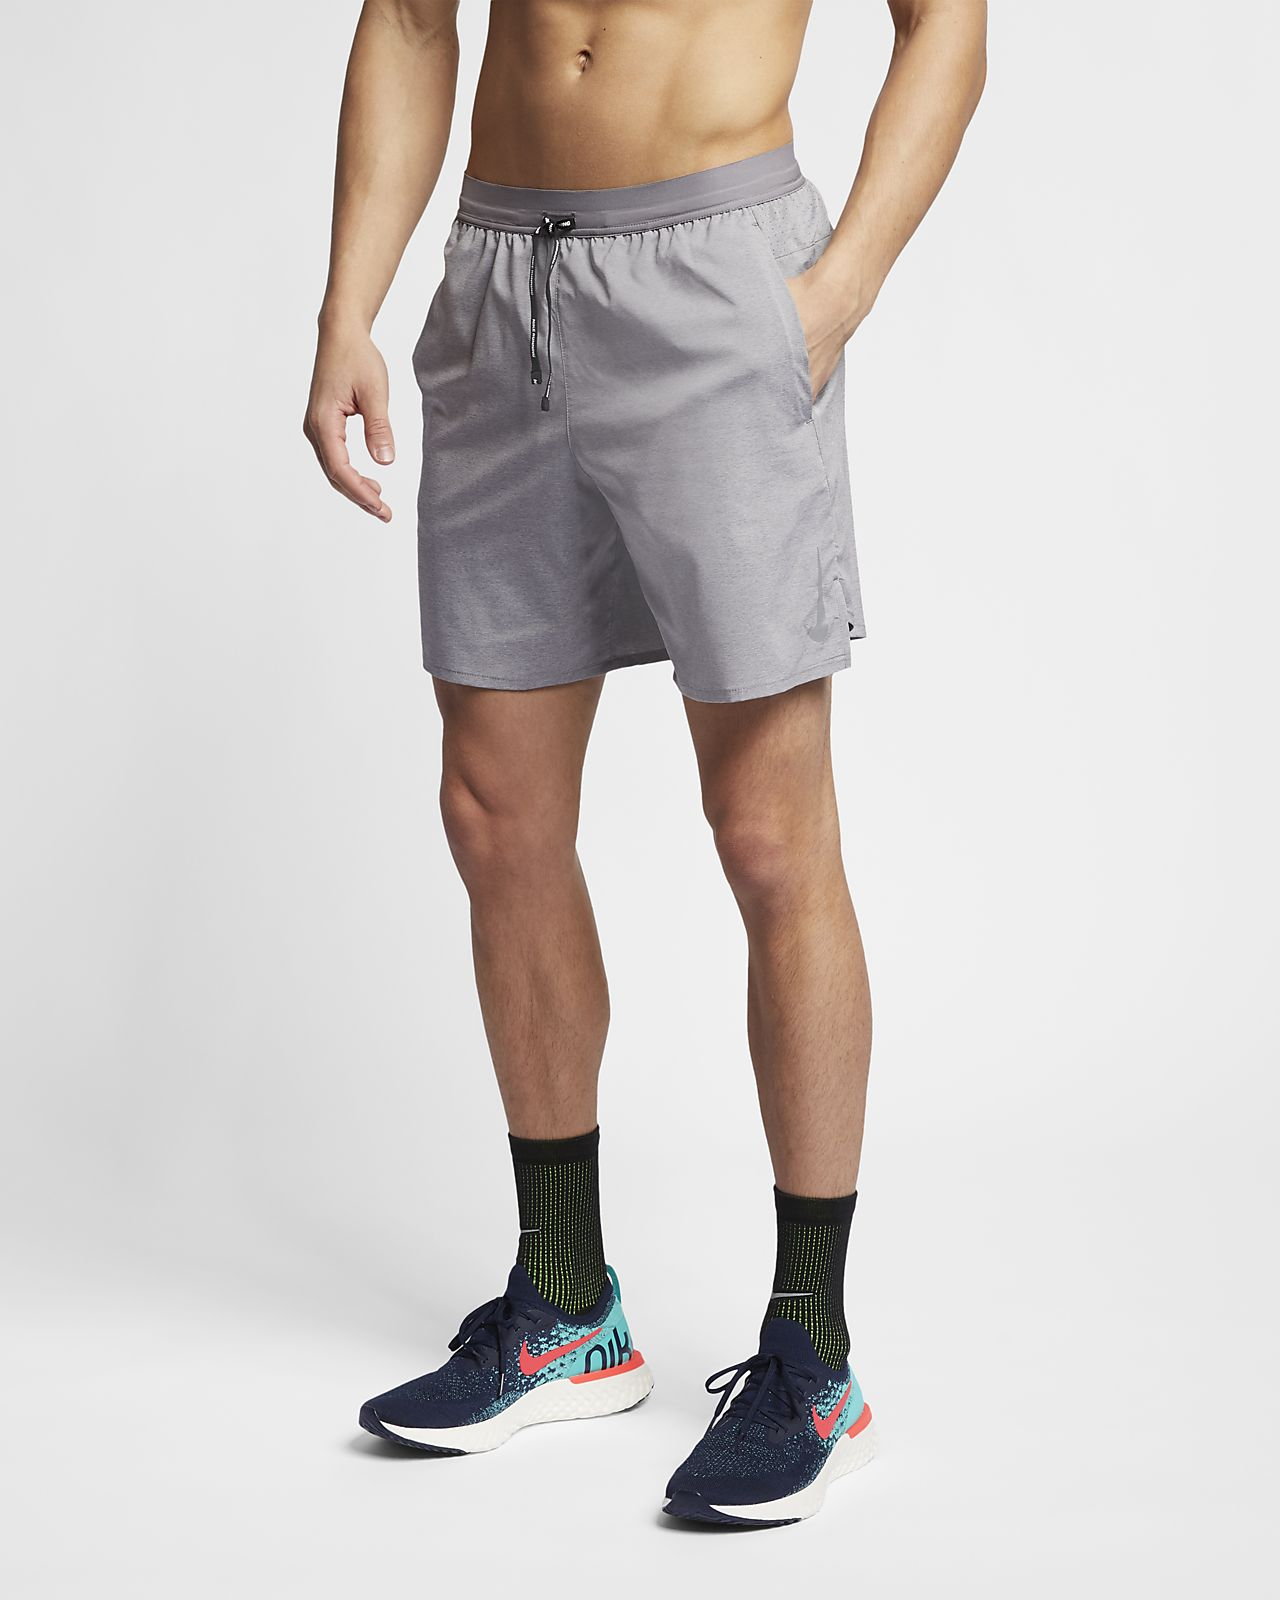 Ανδρικό σορτς για τρέξιμο 2 σε 1 Nike Dri-FIT Flex Stride 18 cm